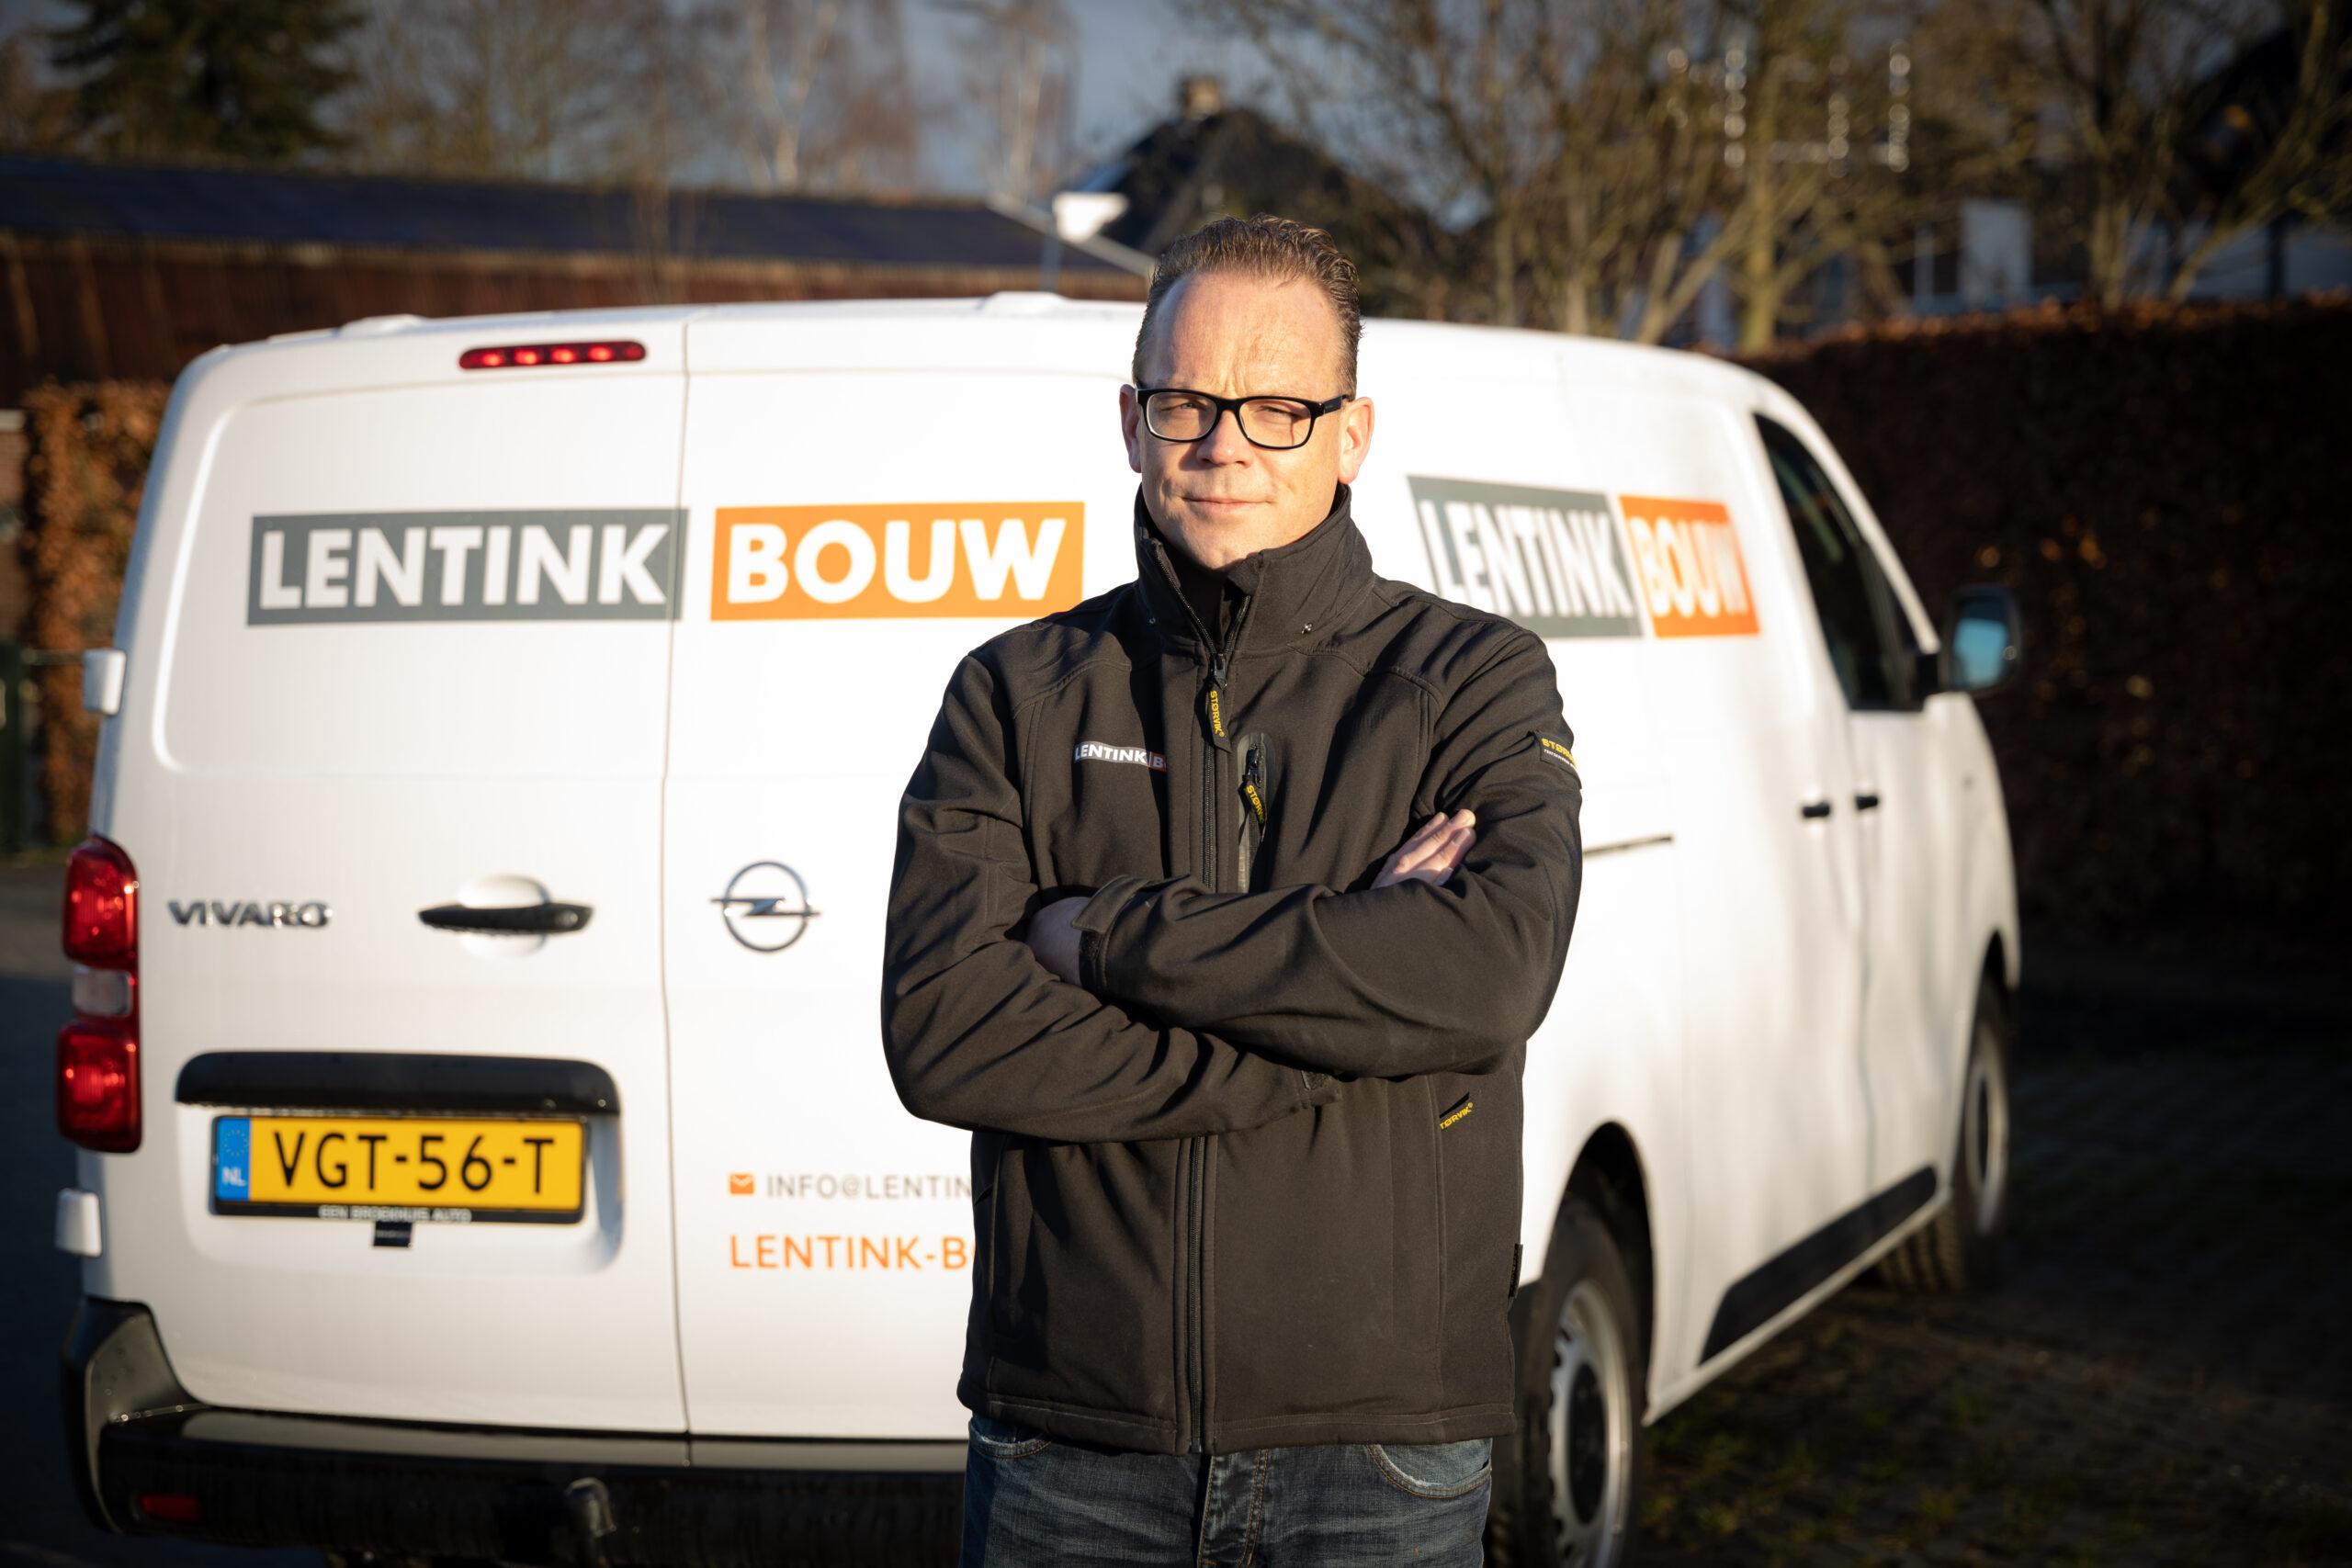 Lentink Bouw